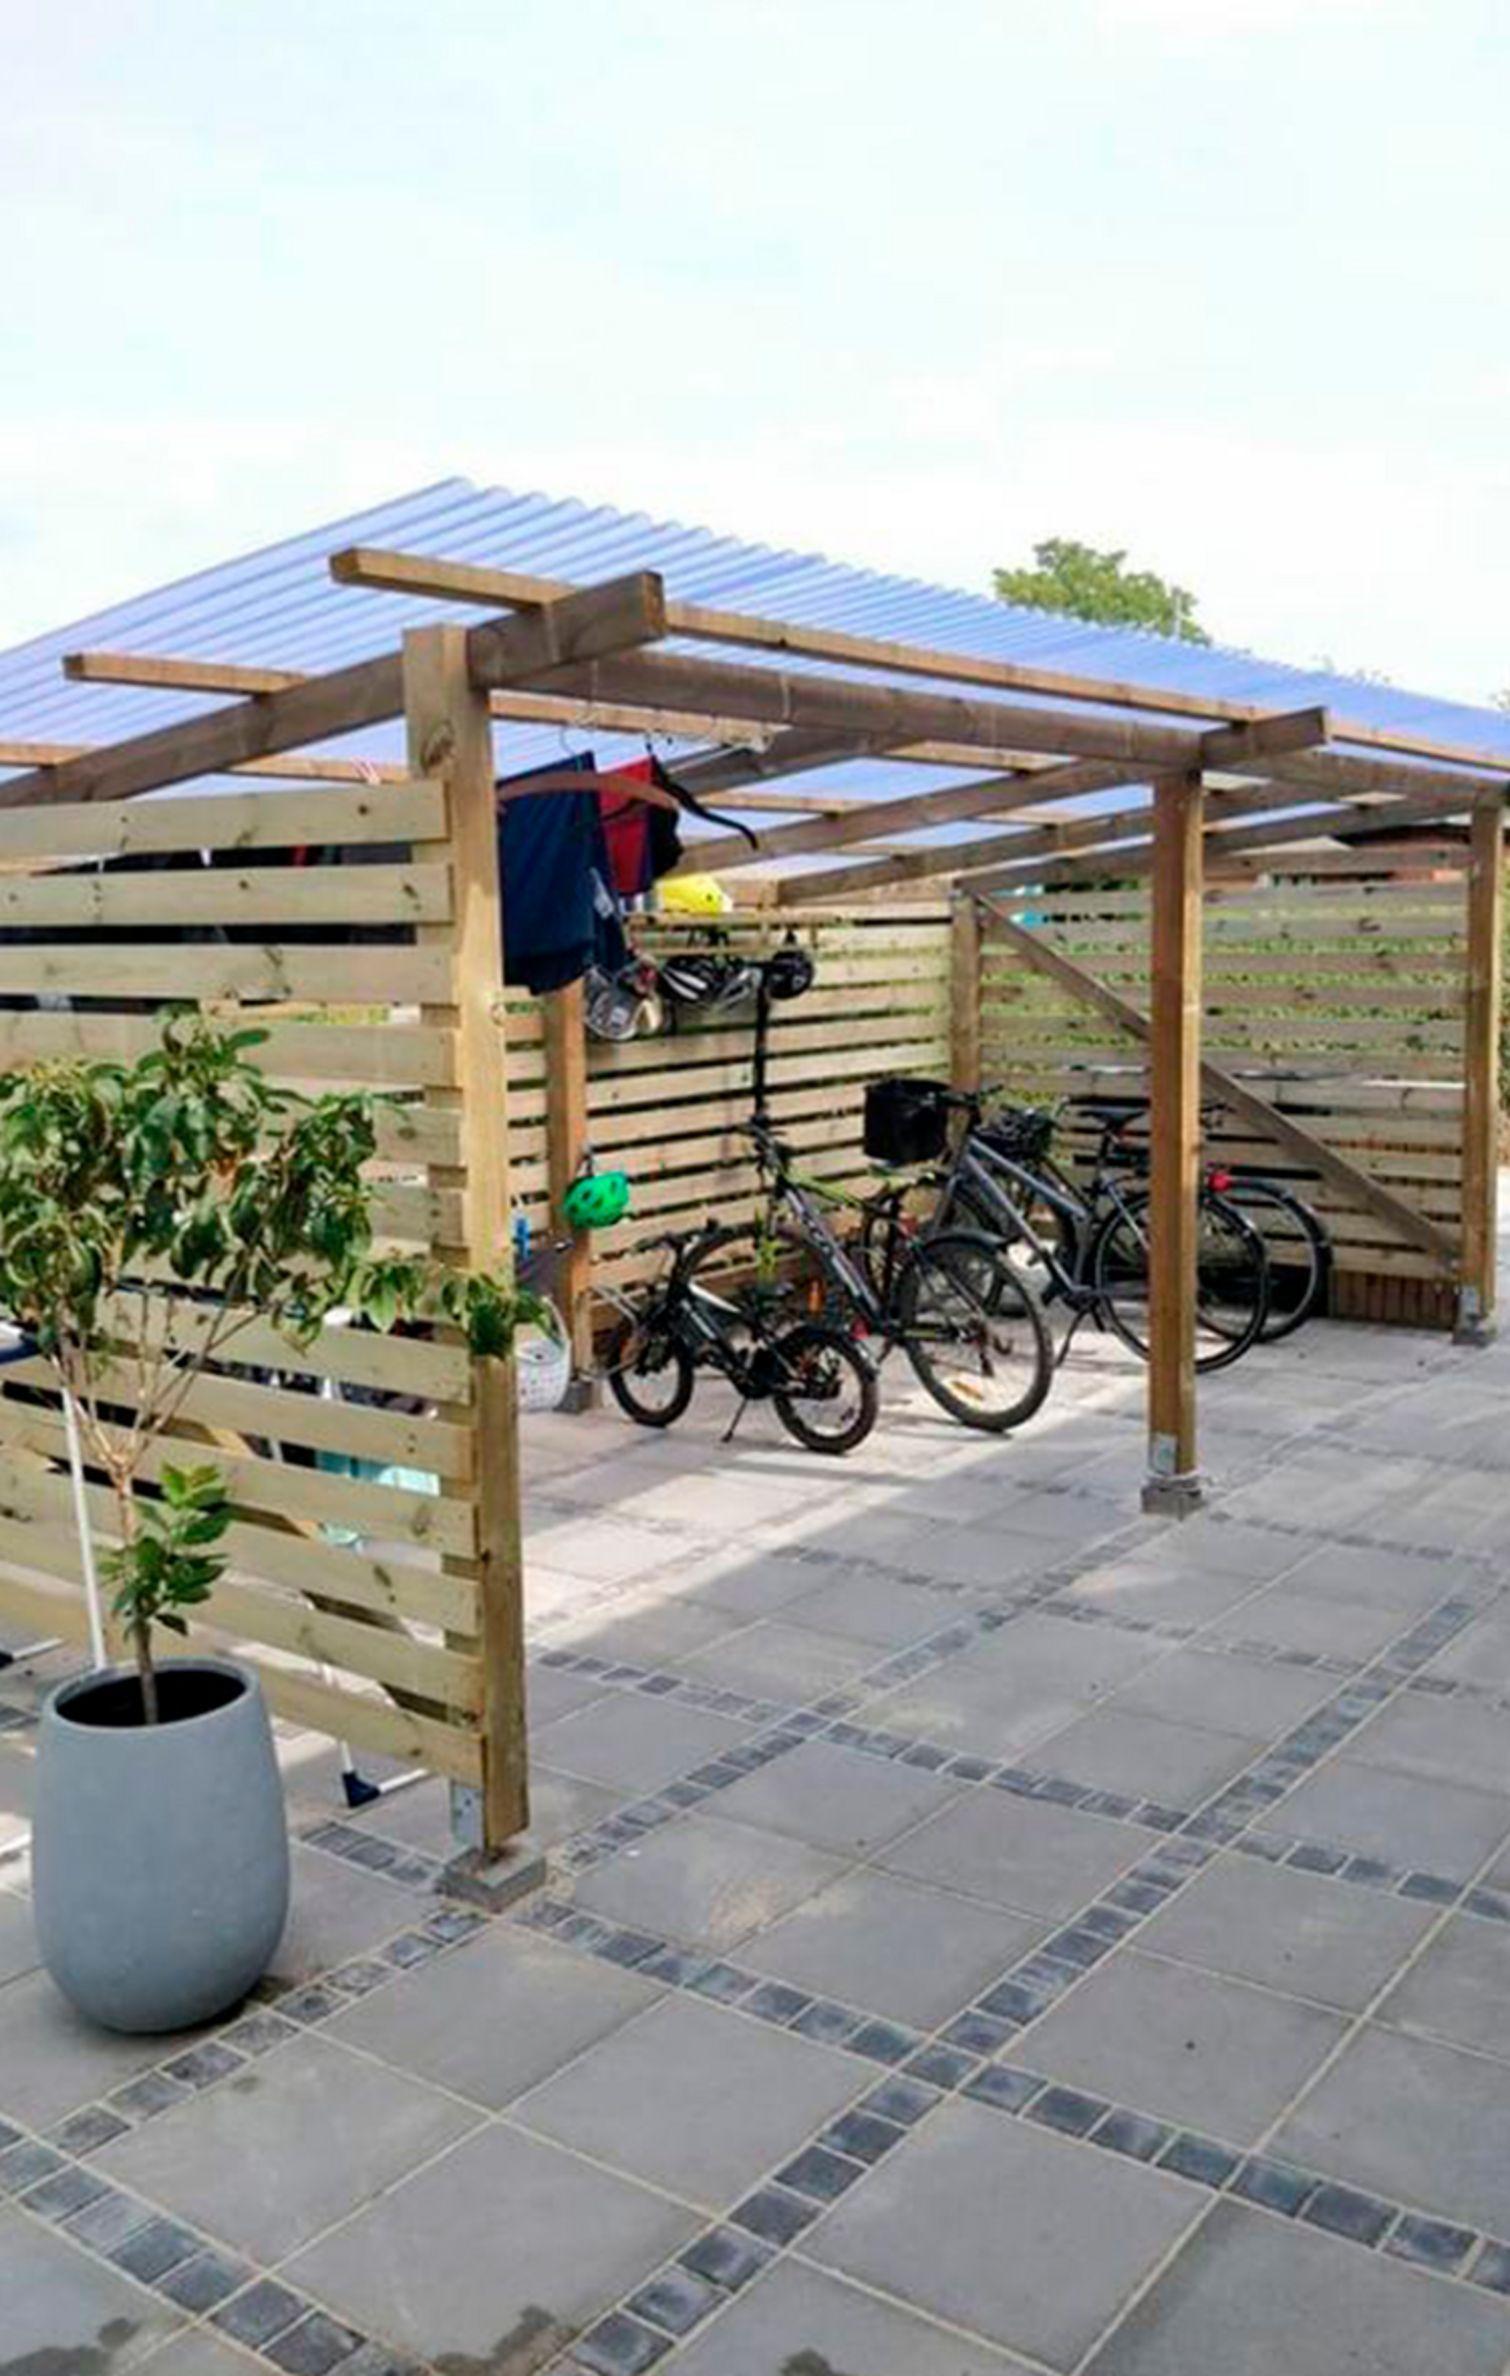 Cykelskur Parker din cykel i tørvejr in 2020 Bike shed